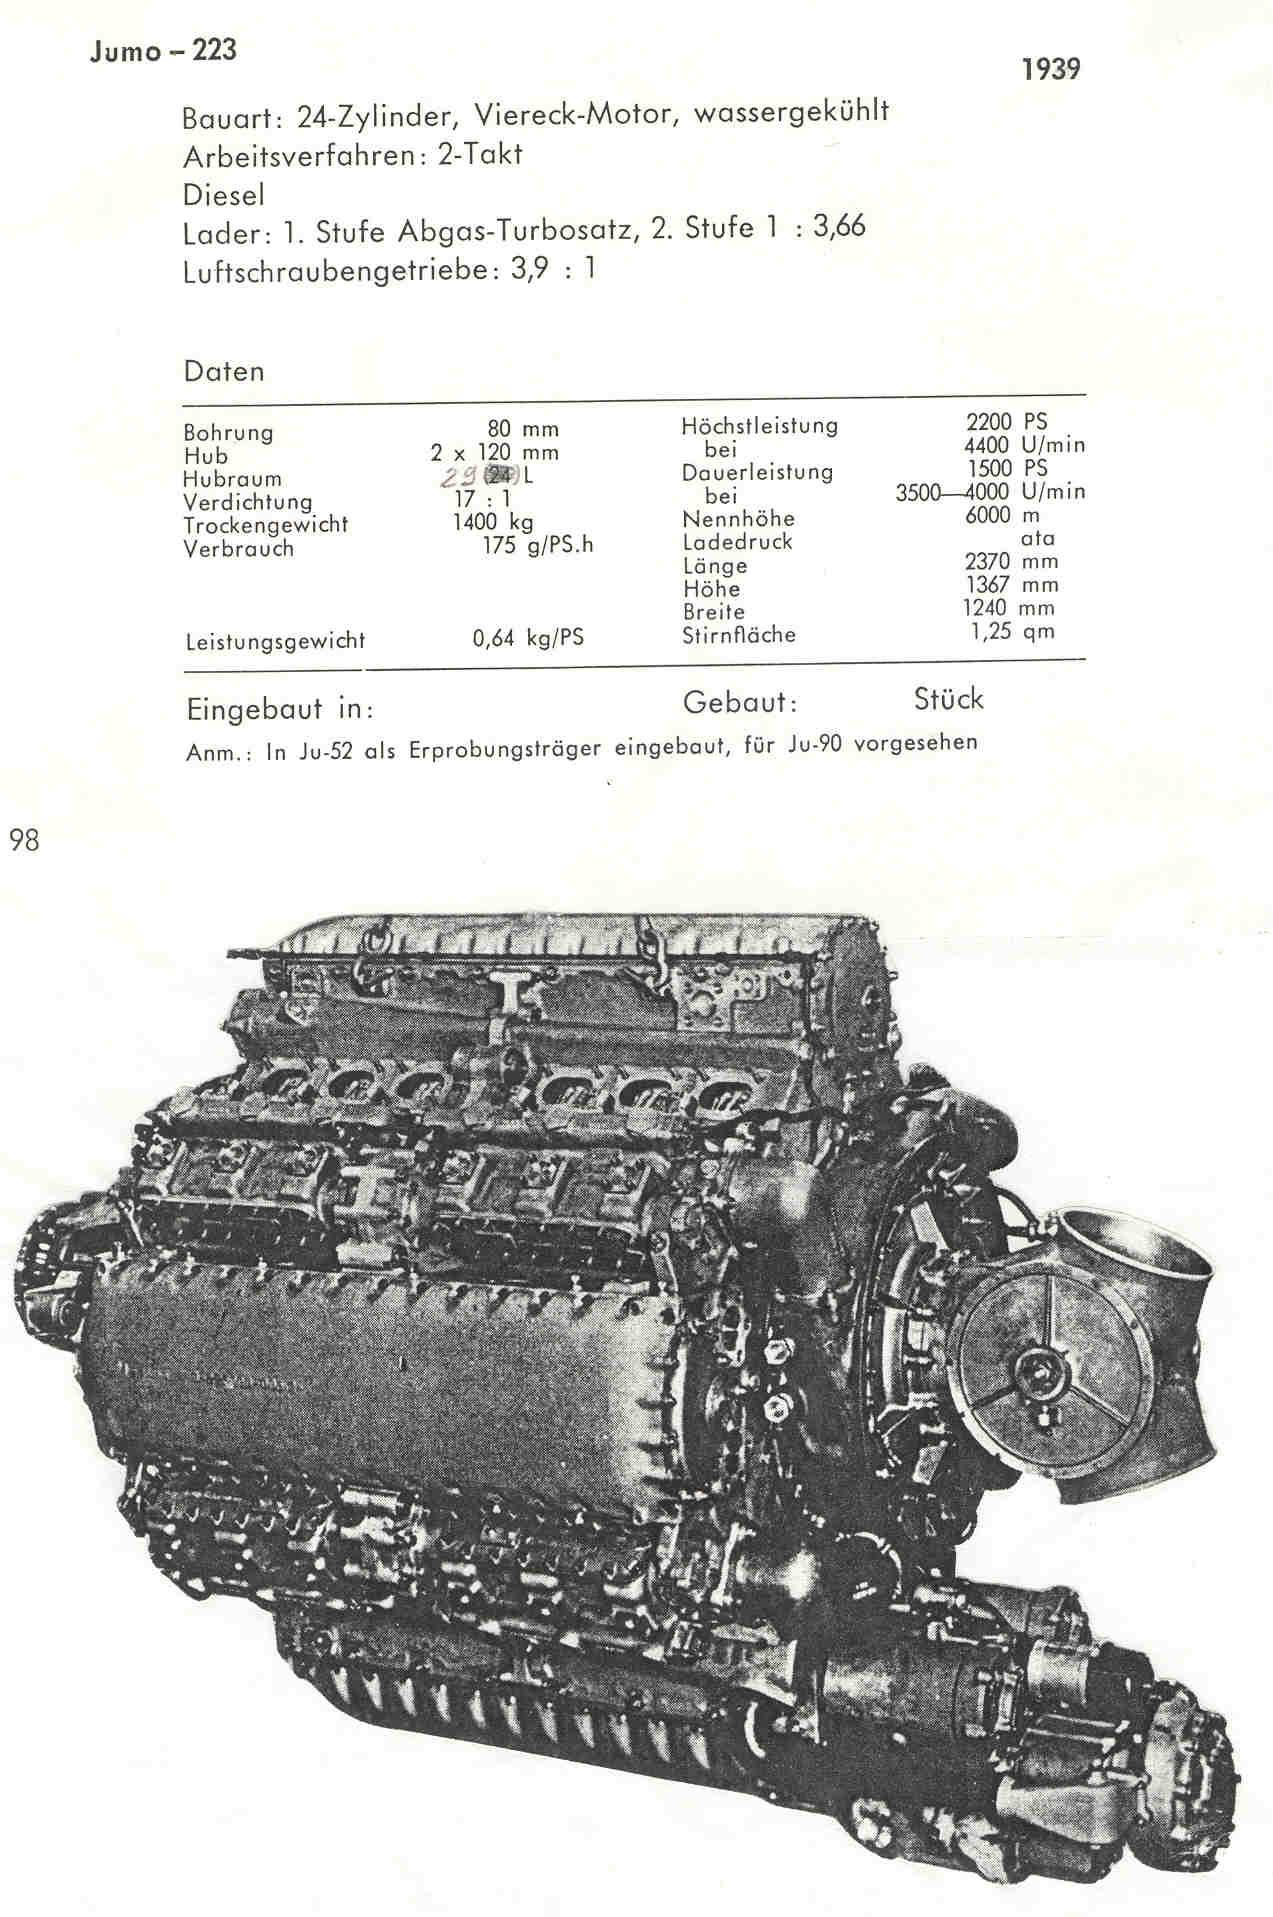 Junkers_Jumo_223.jpg